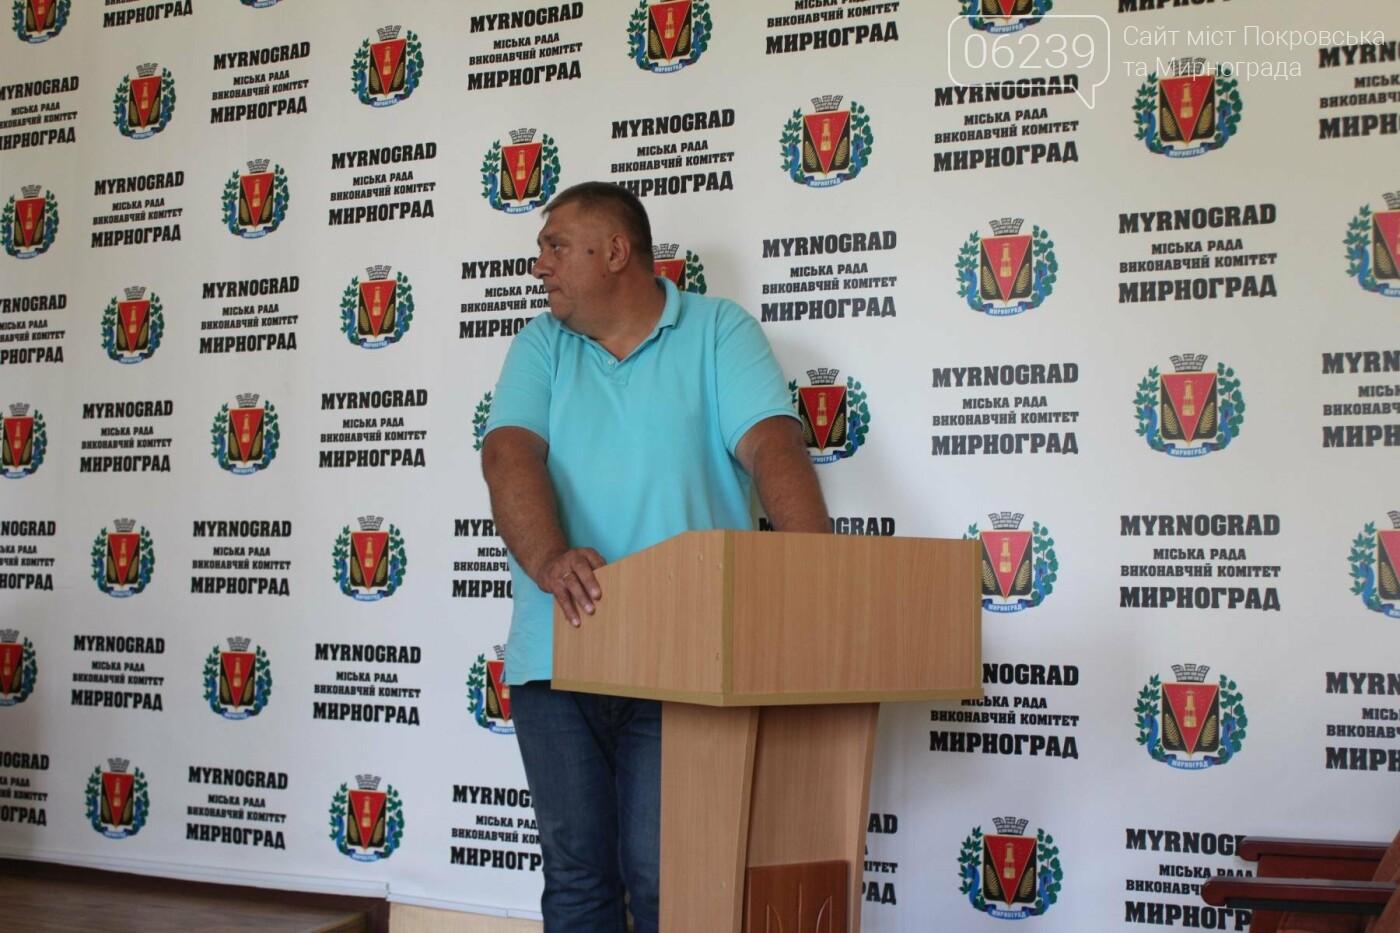 В Мирнограде засорили городской фонтан, работники МОКХ вывезли 12 тачек мусора , фото-1